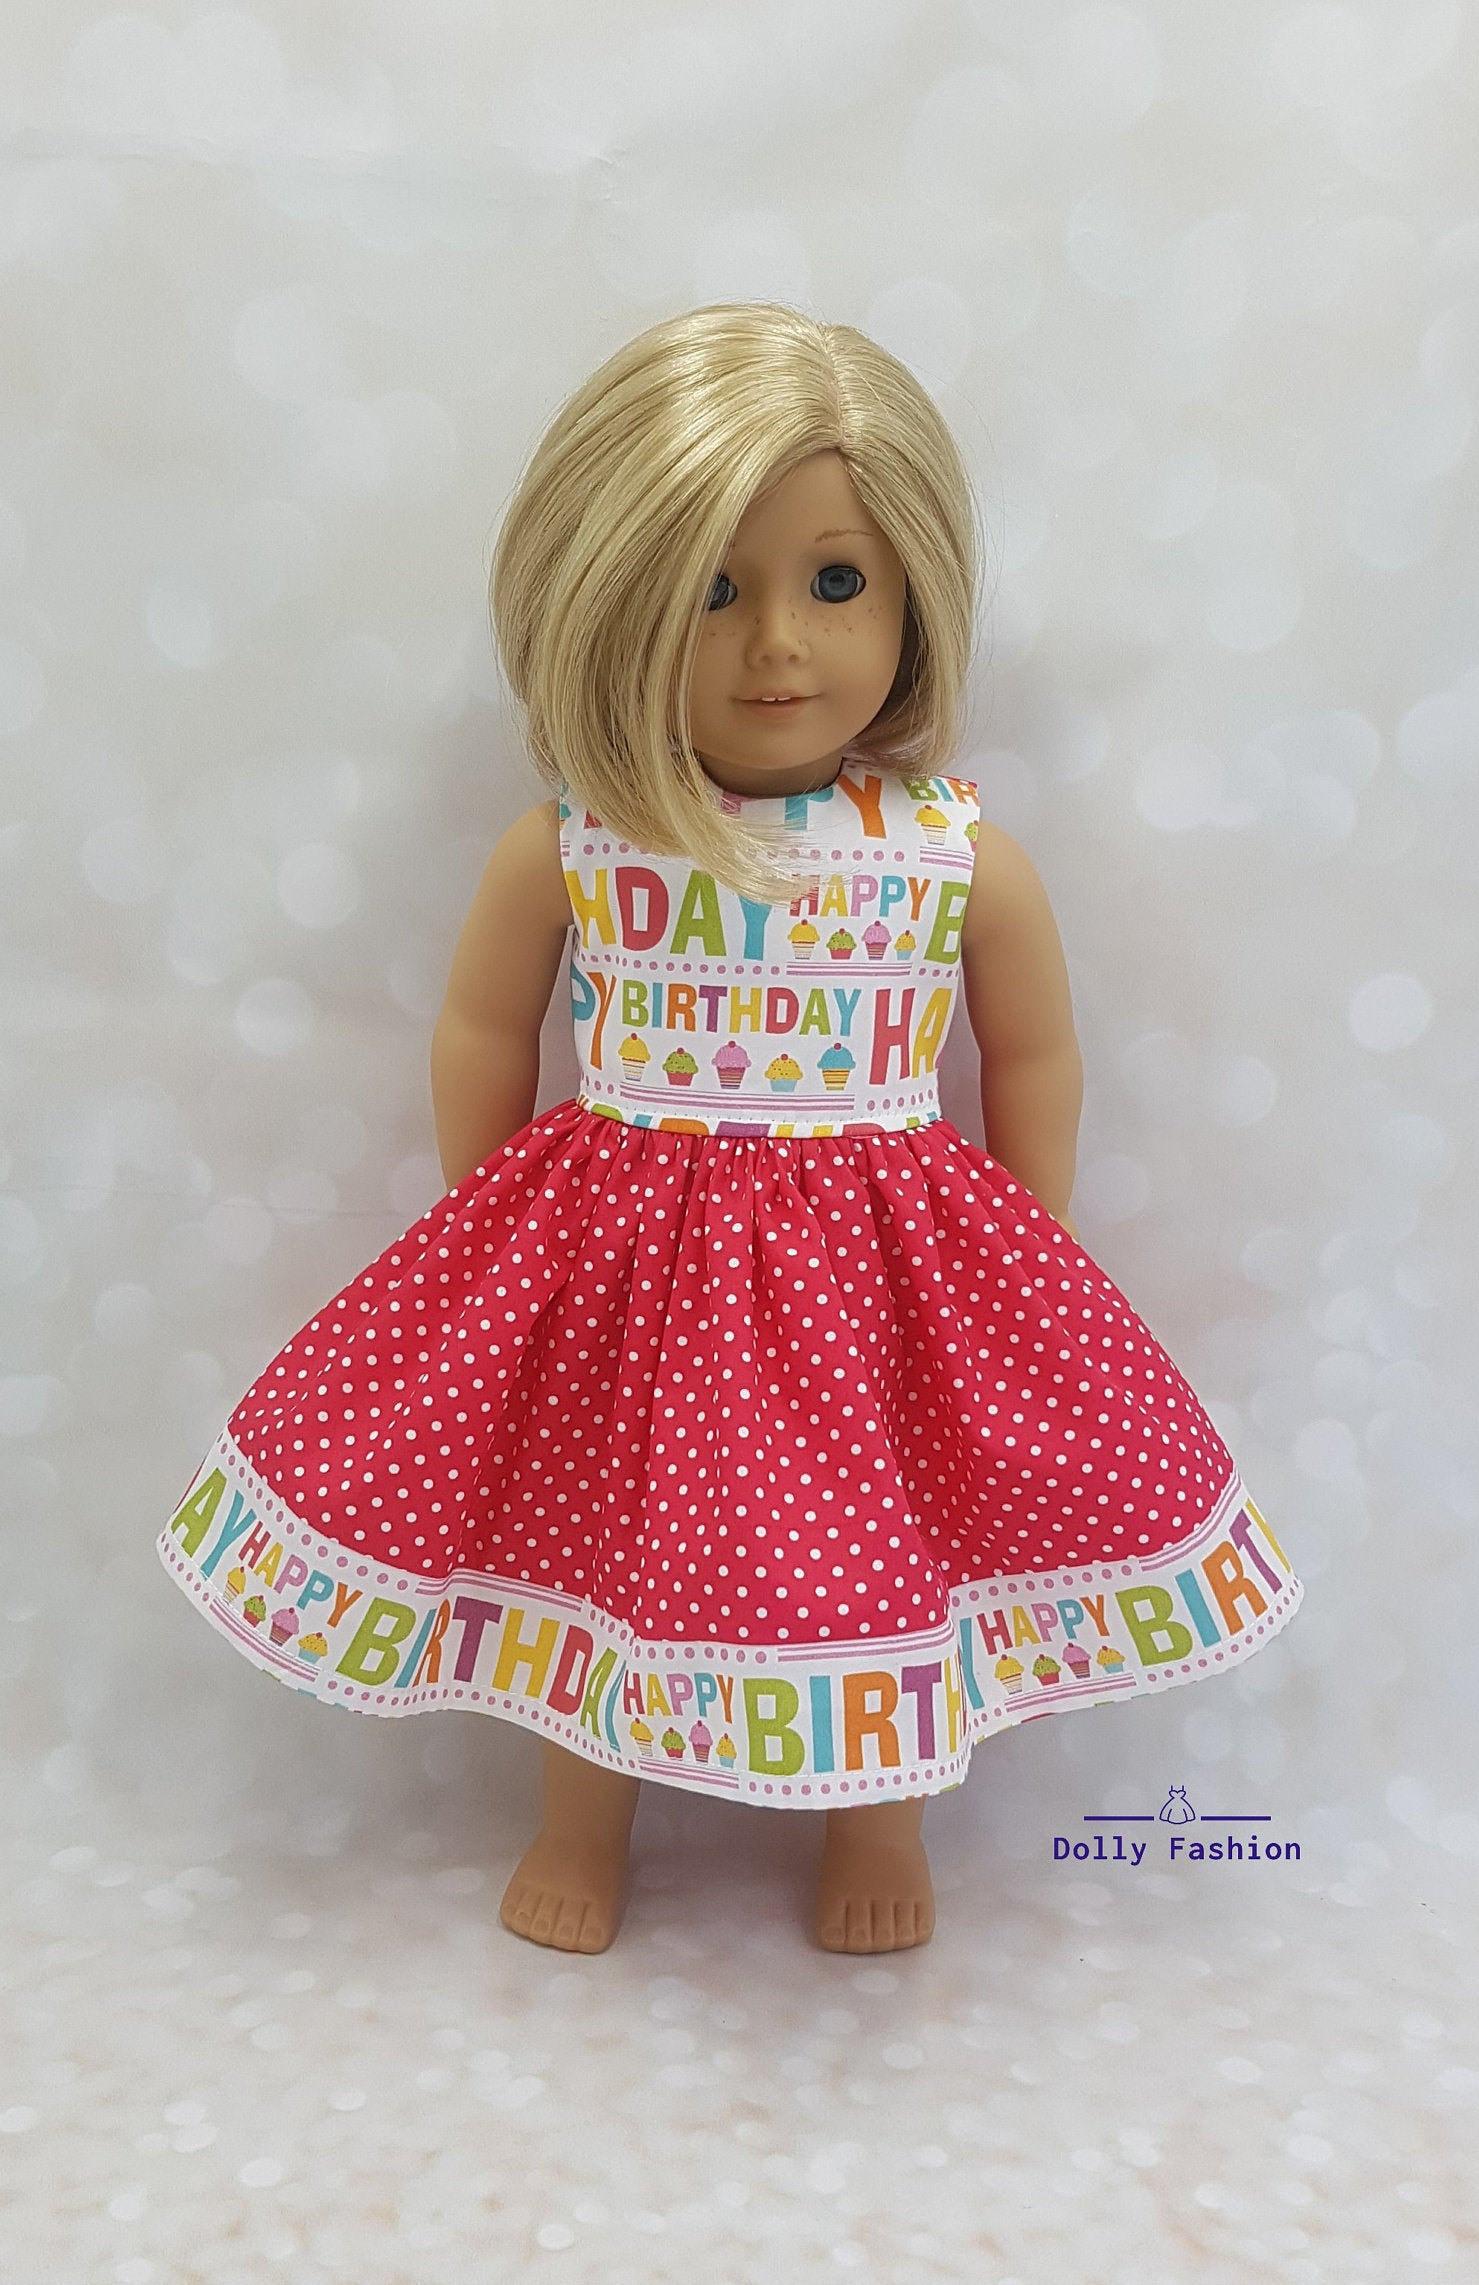 Alles Gute Zum Geburtstag Kleid Passen 18 Puppen Wie  Etsy